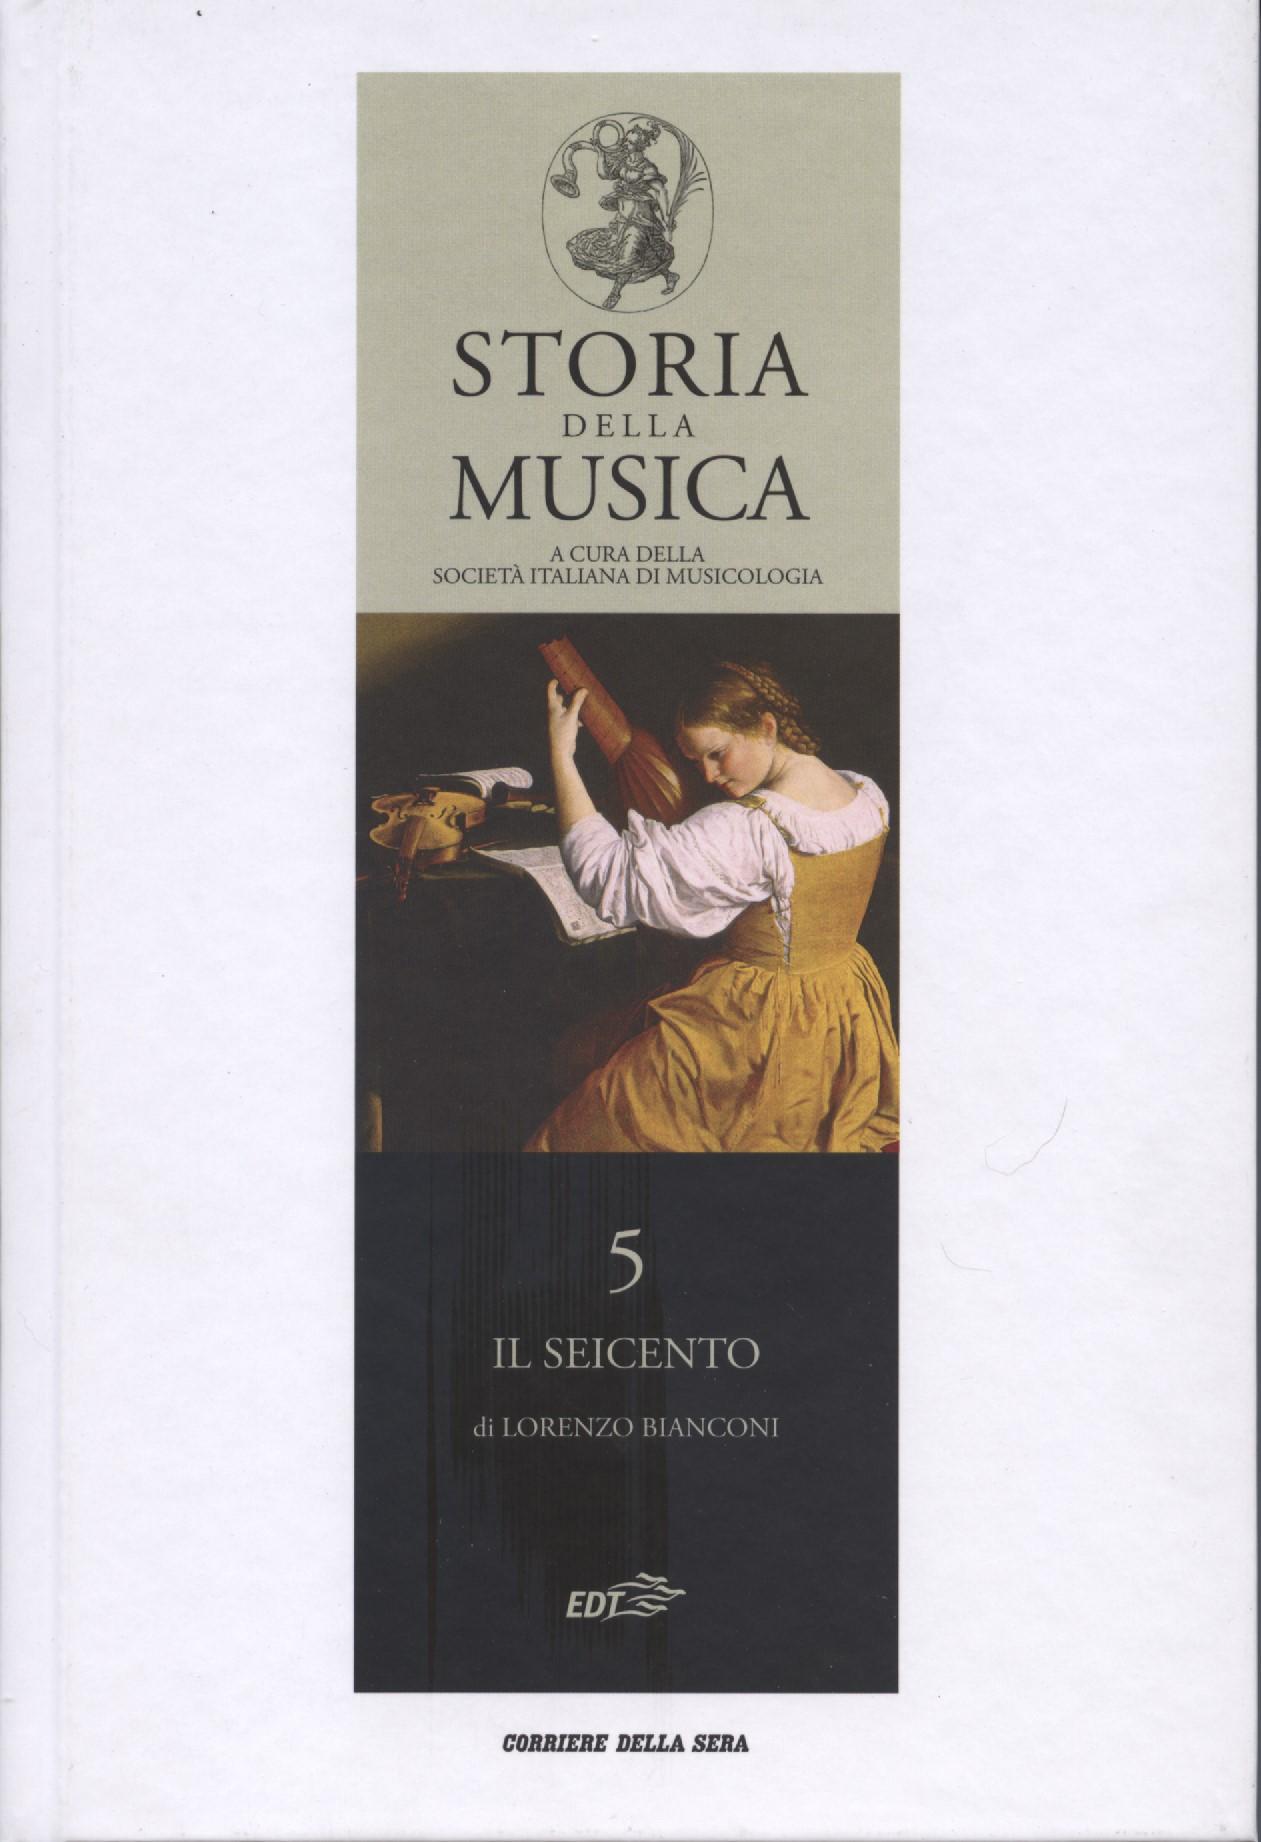 Storia della musica vol. 5